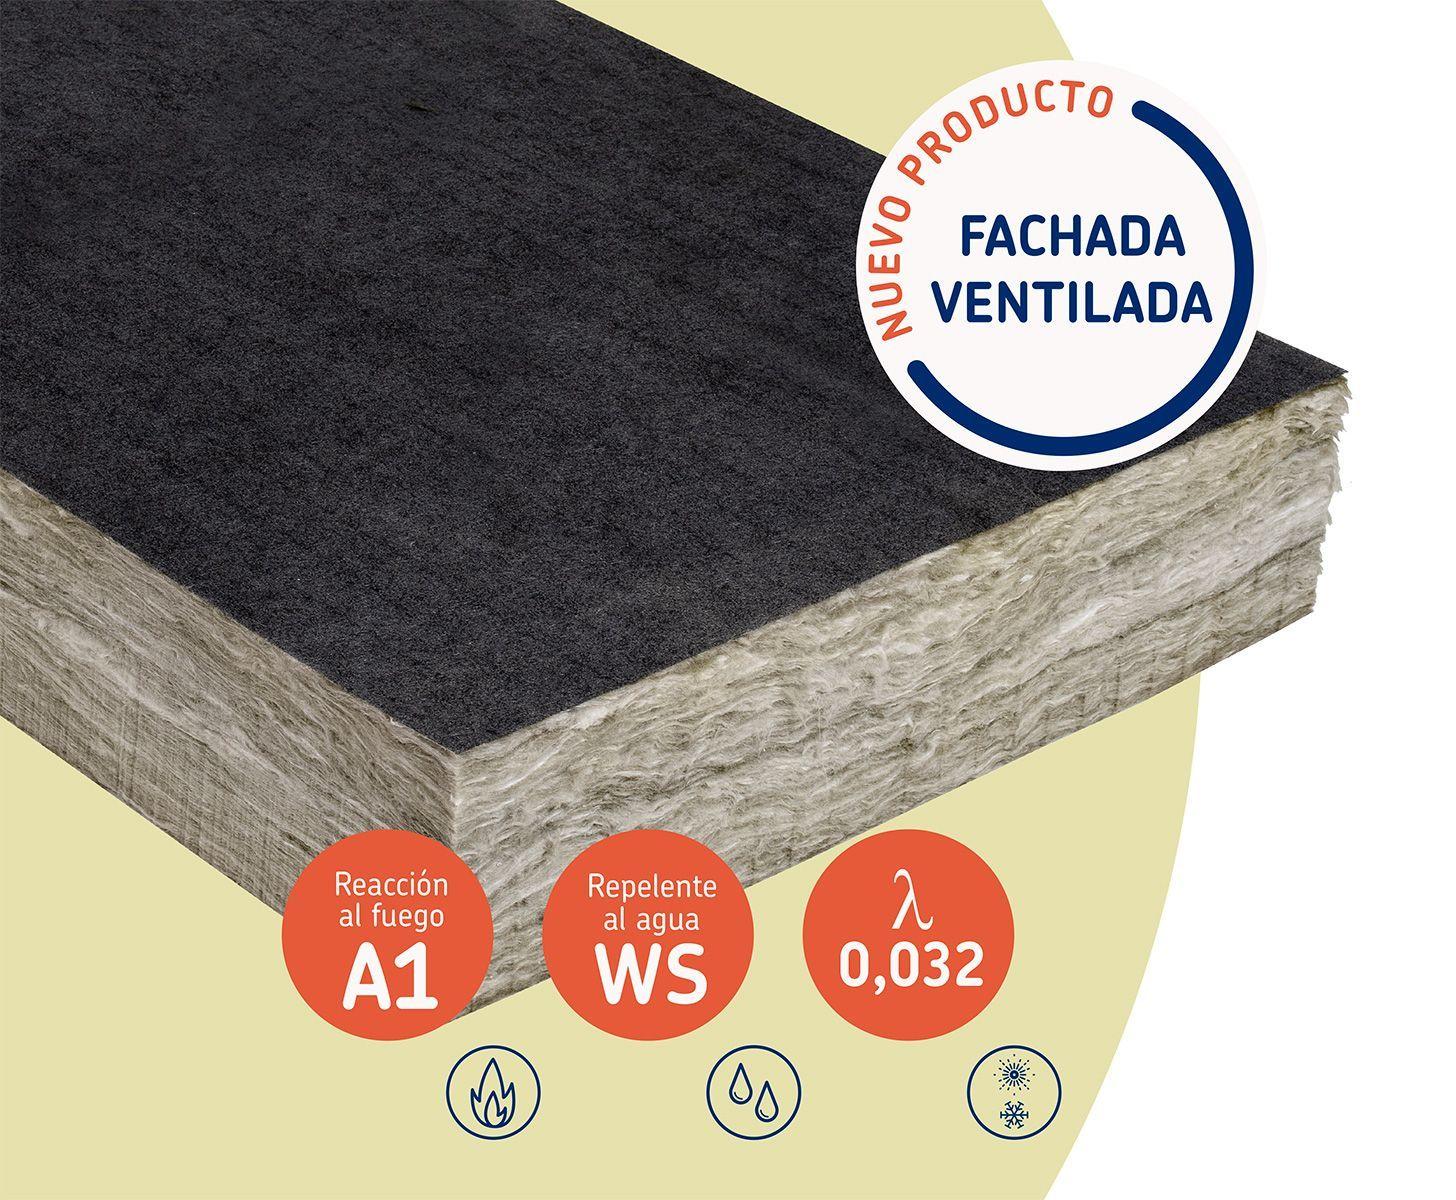 Imagen de nuevo producto para fachada ventilada